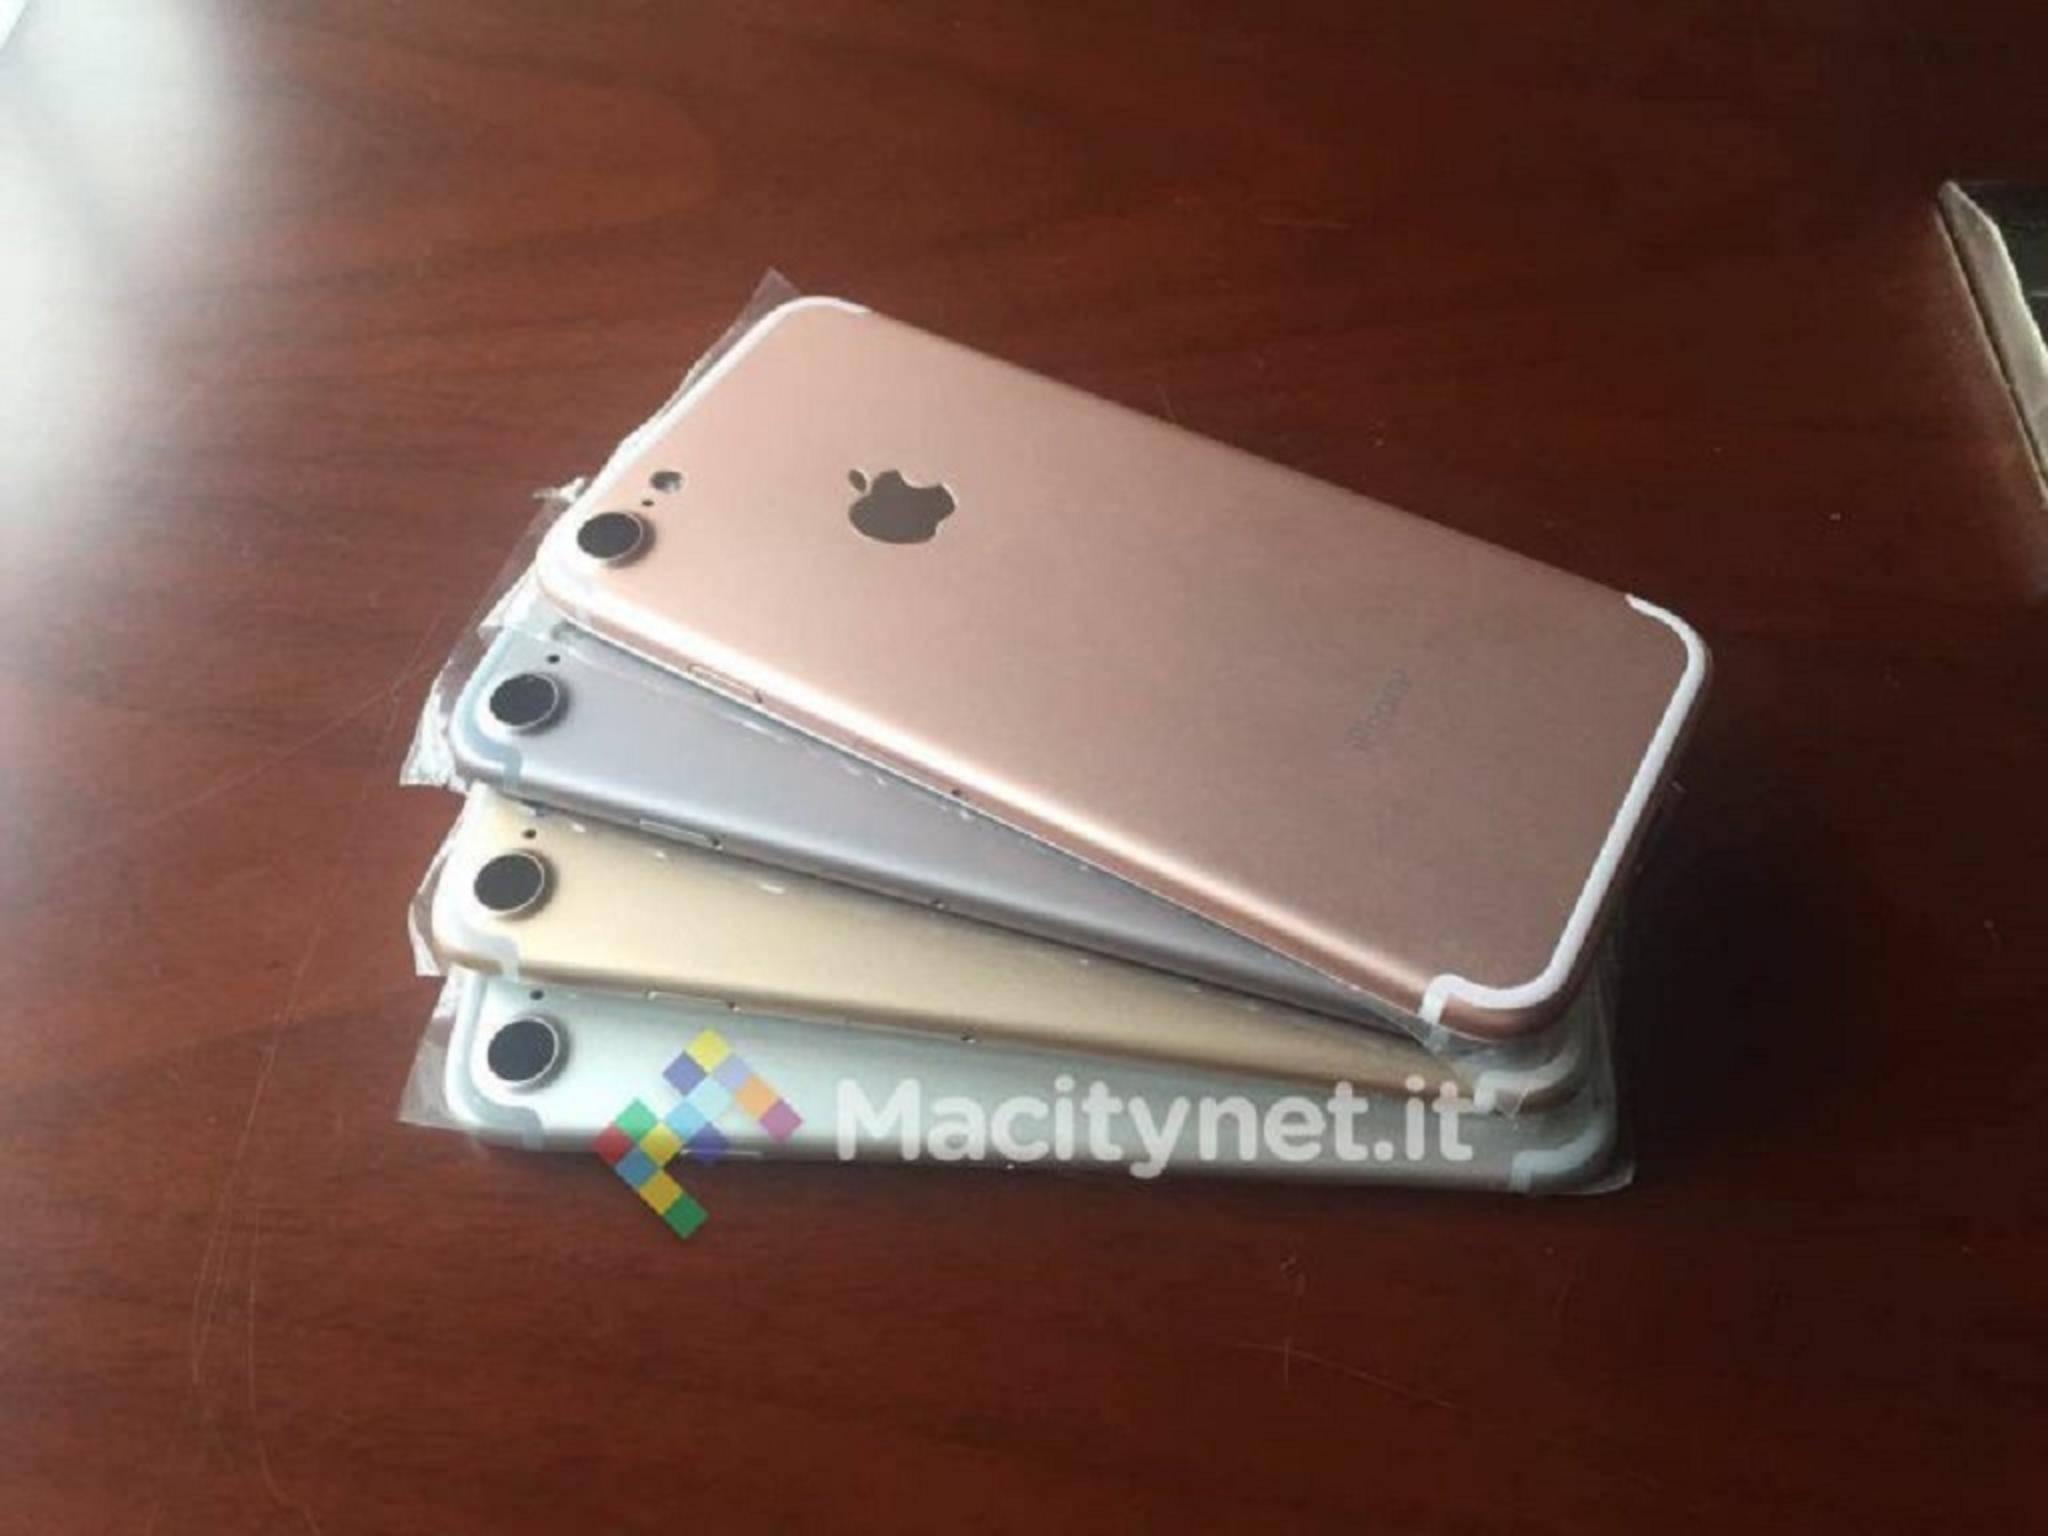 Die Gehäusefarben des neuen iPhone 7 kommen laut einem Leak ohne Space Black aus.